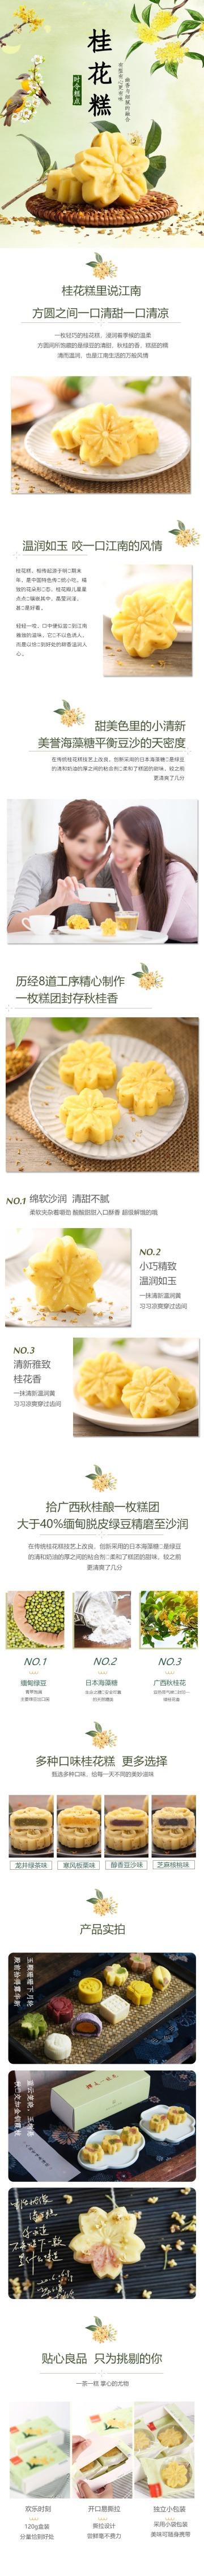 清新简约百货零售美食糕点桂花糕促销电商详情页